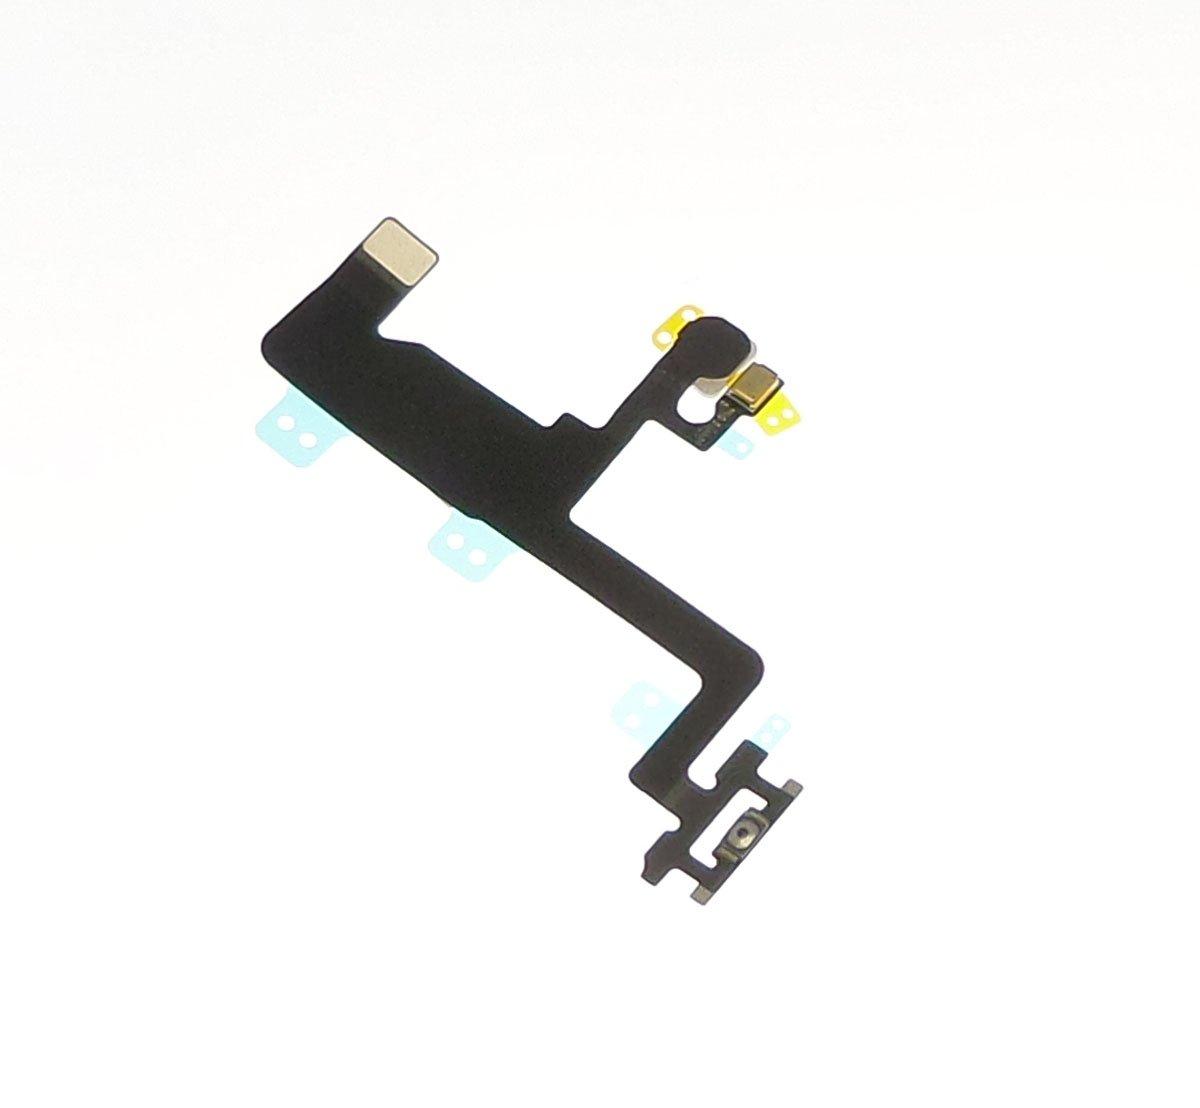 Flexible nappe du bouton power Apple iPhone 6